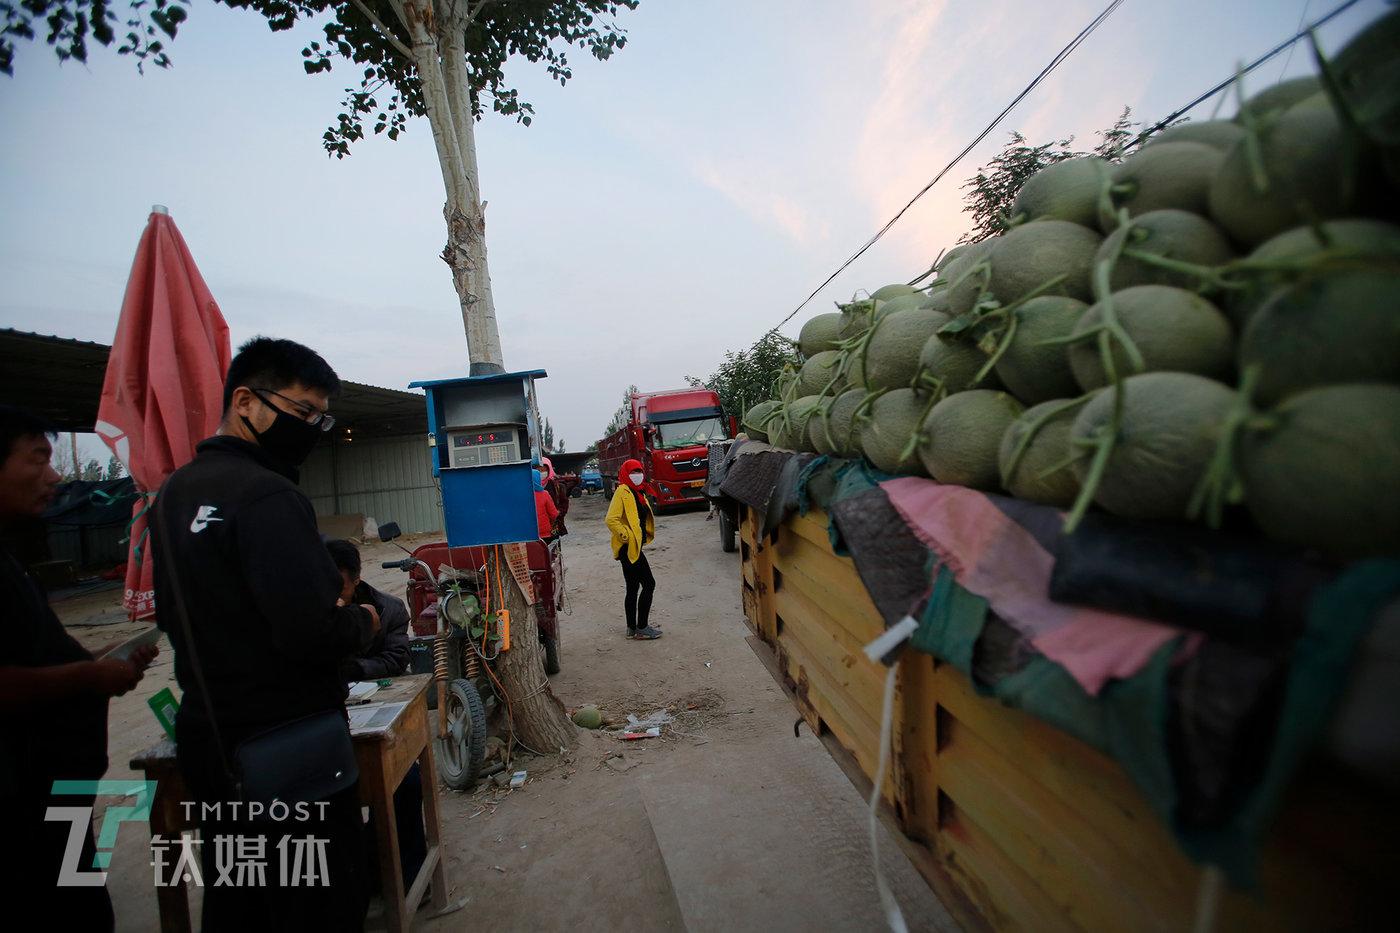 卖瓜的第一个步骤是过磅。在一名买家的监督下,薛志明将拖拉机开到地磅上。每年6月底到9月初,很多来自全国各地的水果商会聚集到这个小镇,他们在这里采购蜜瓜发往全国各大水果批发市场。